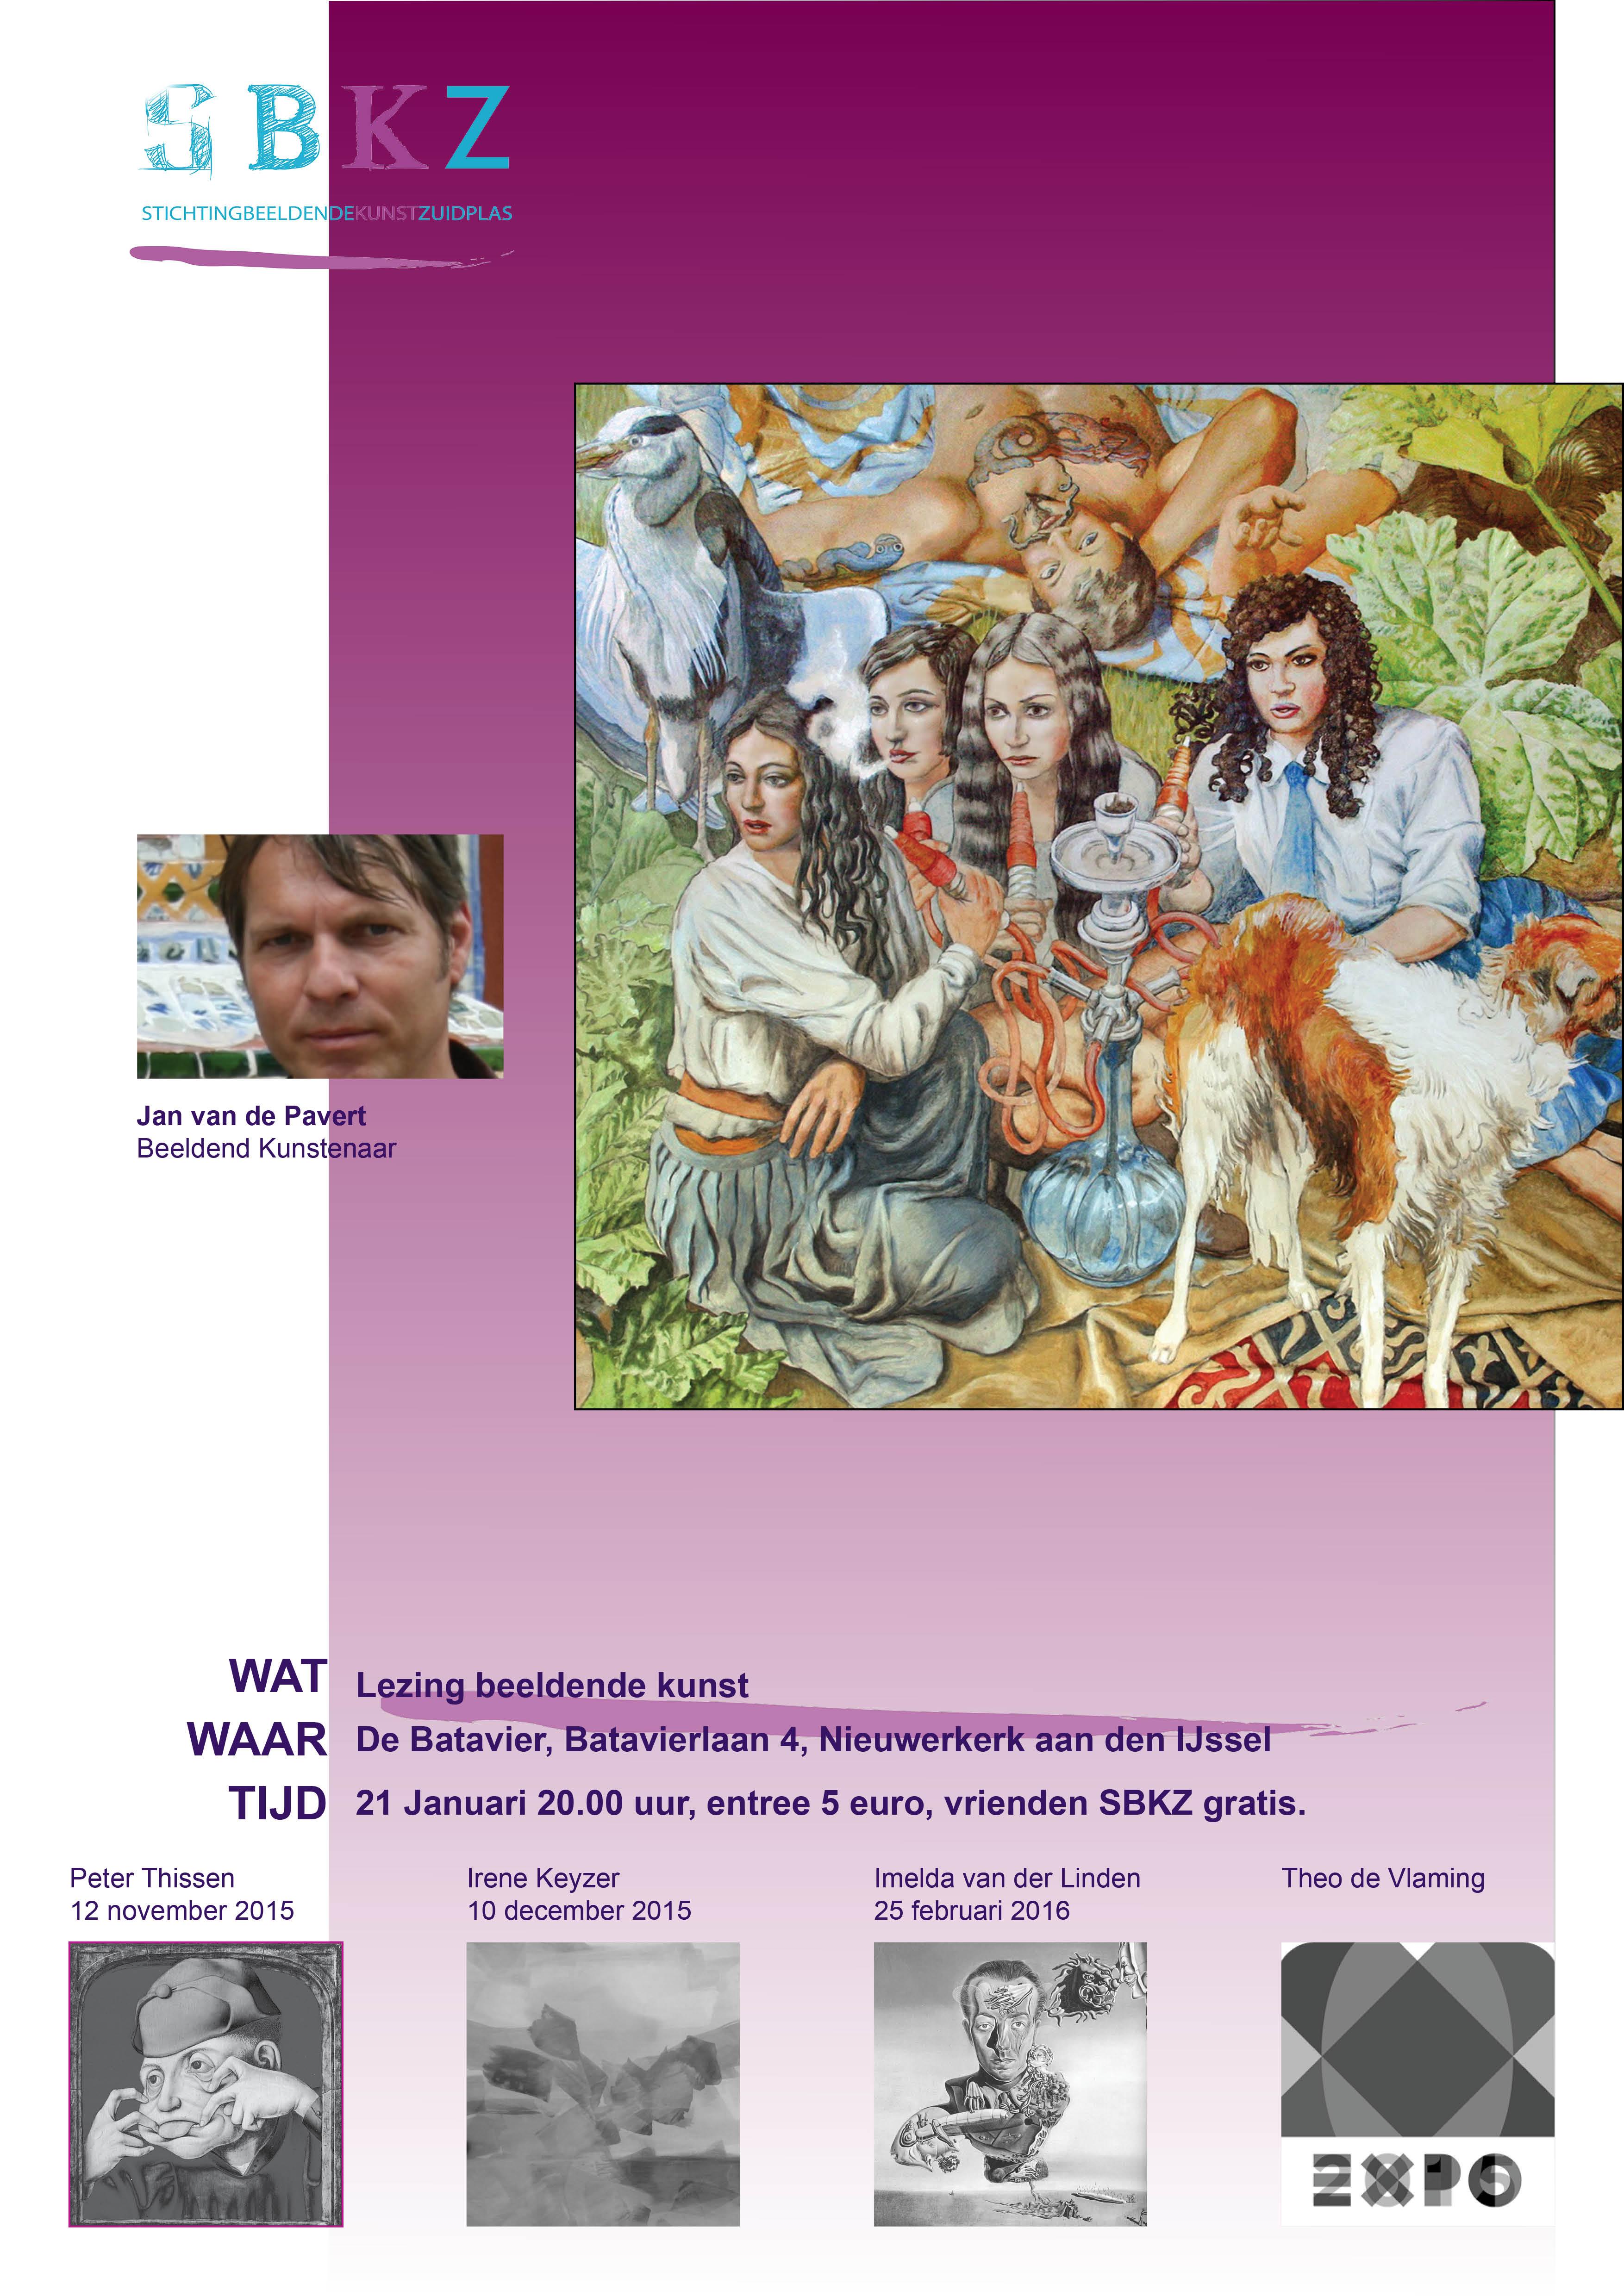 poster  lezingen Jan van de Pavert 2015-2016